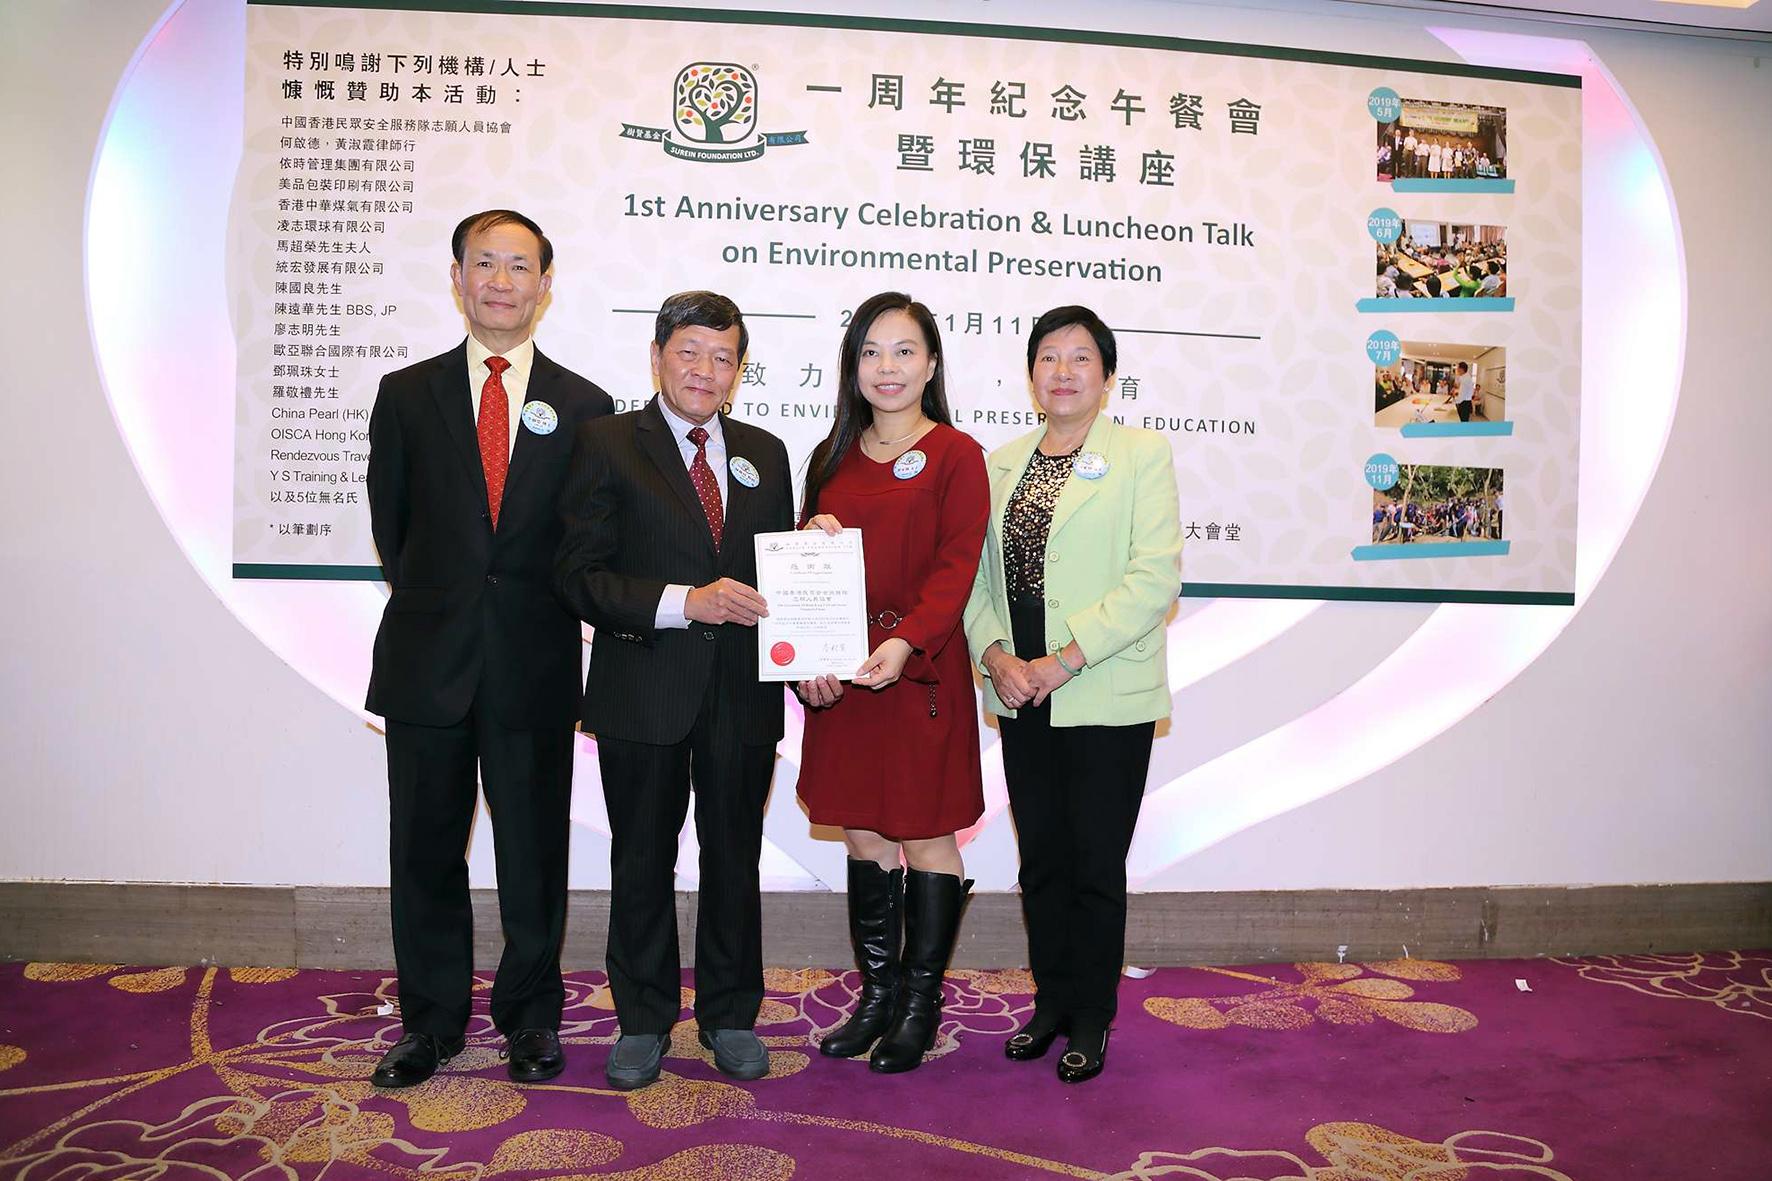 活動贊助 1_中國香港民眾安全服務隊志願人員協會